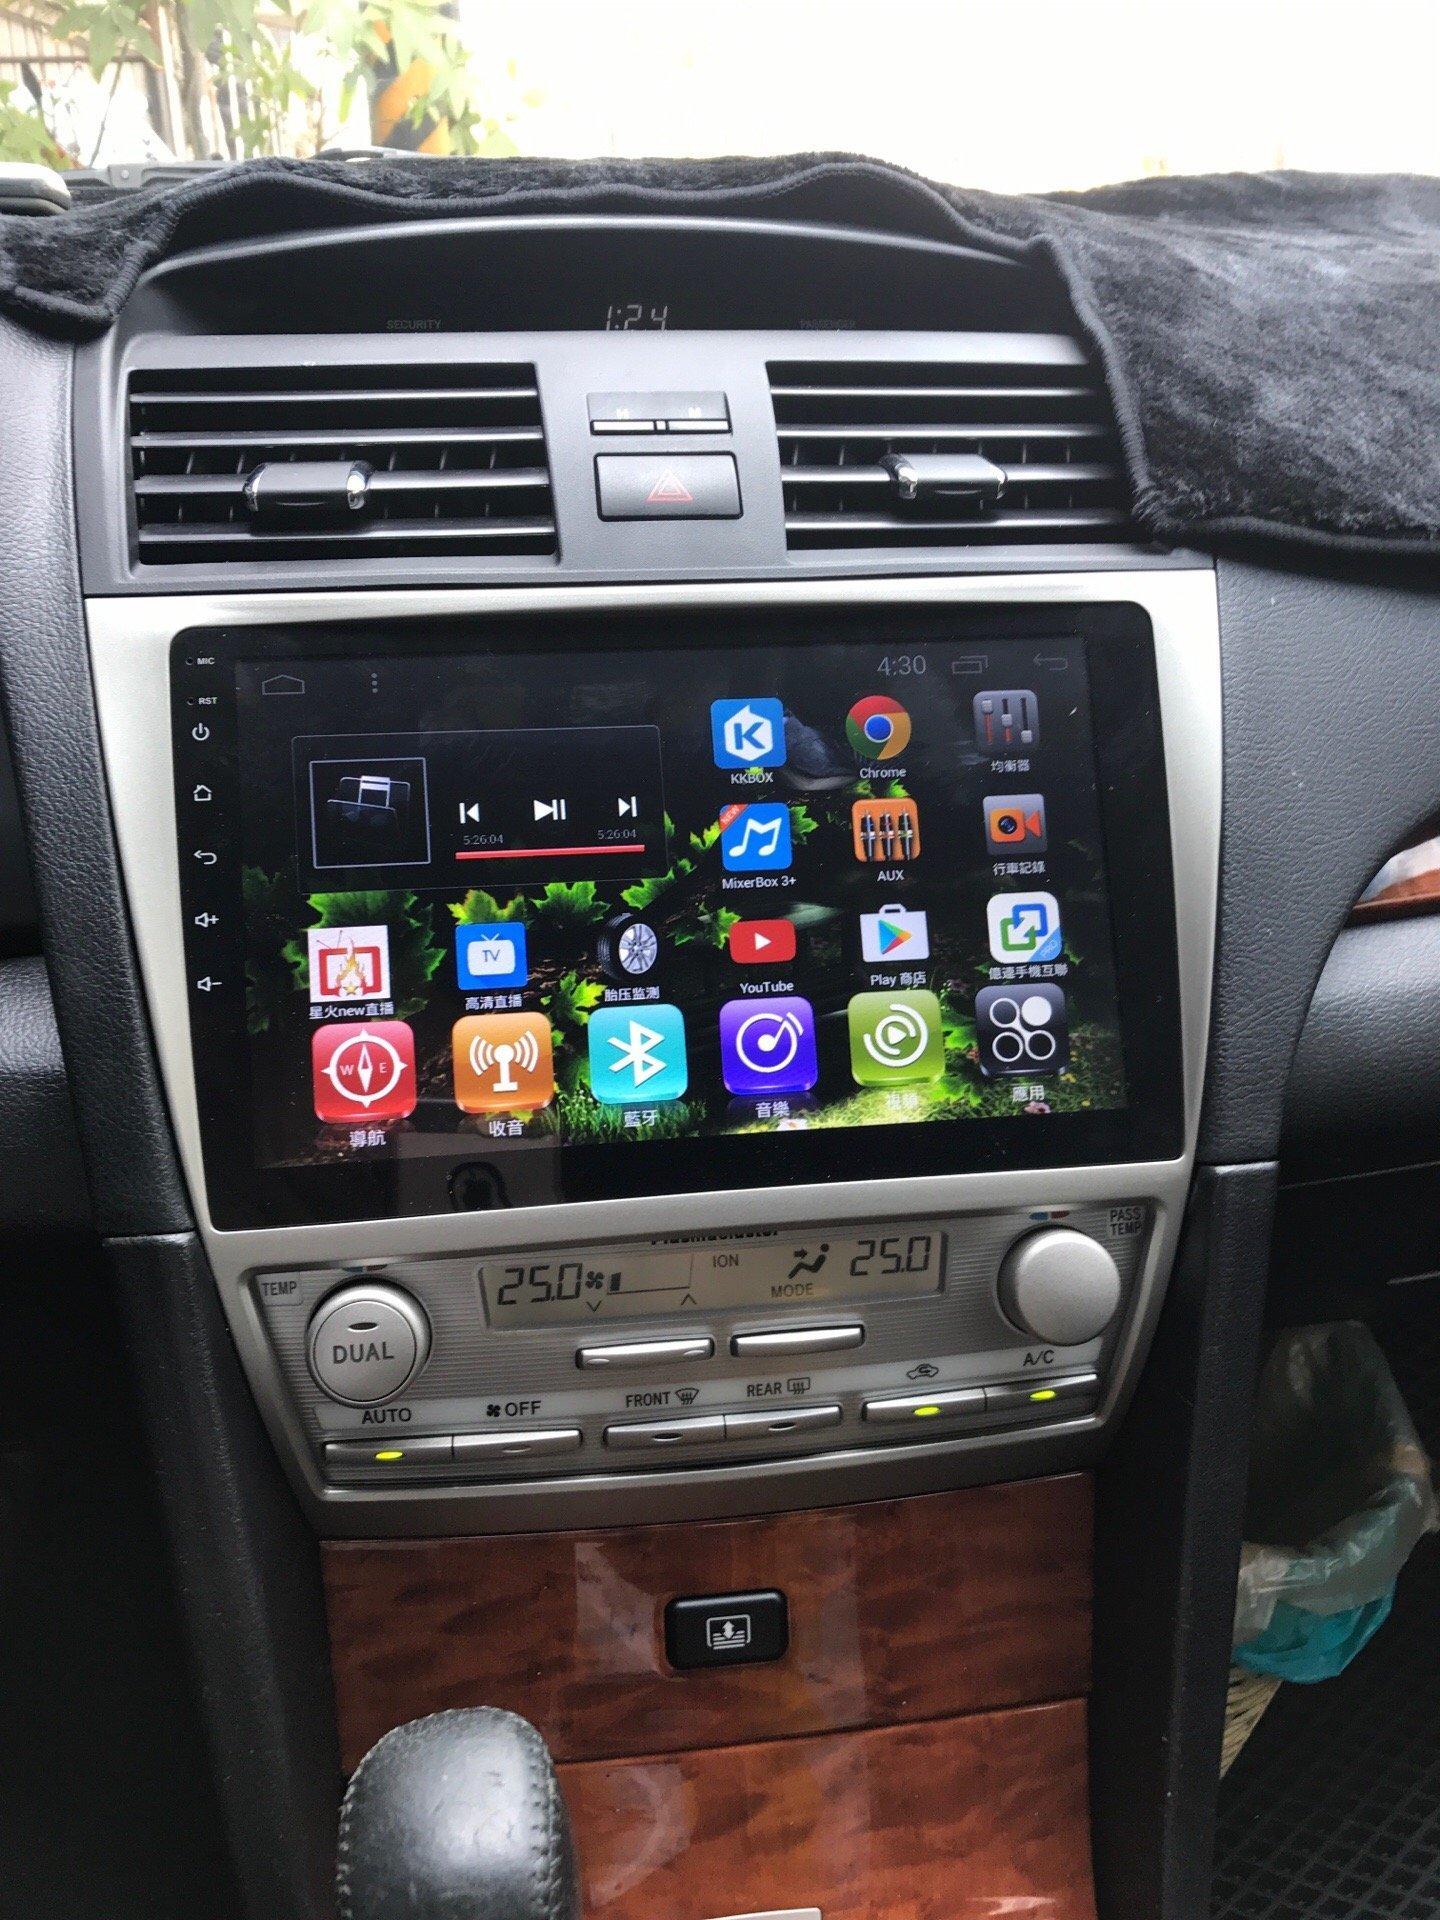 【嘉義.新動力汽車音響】TOYOTA CAMRY專用10.2 吋安卓機